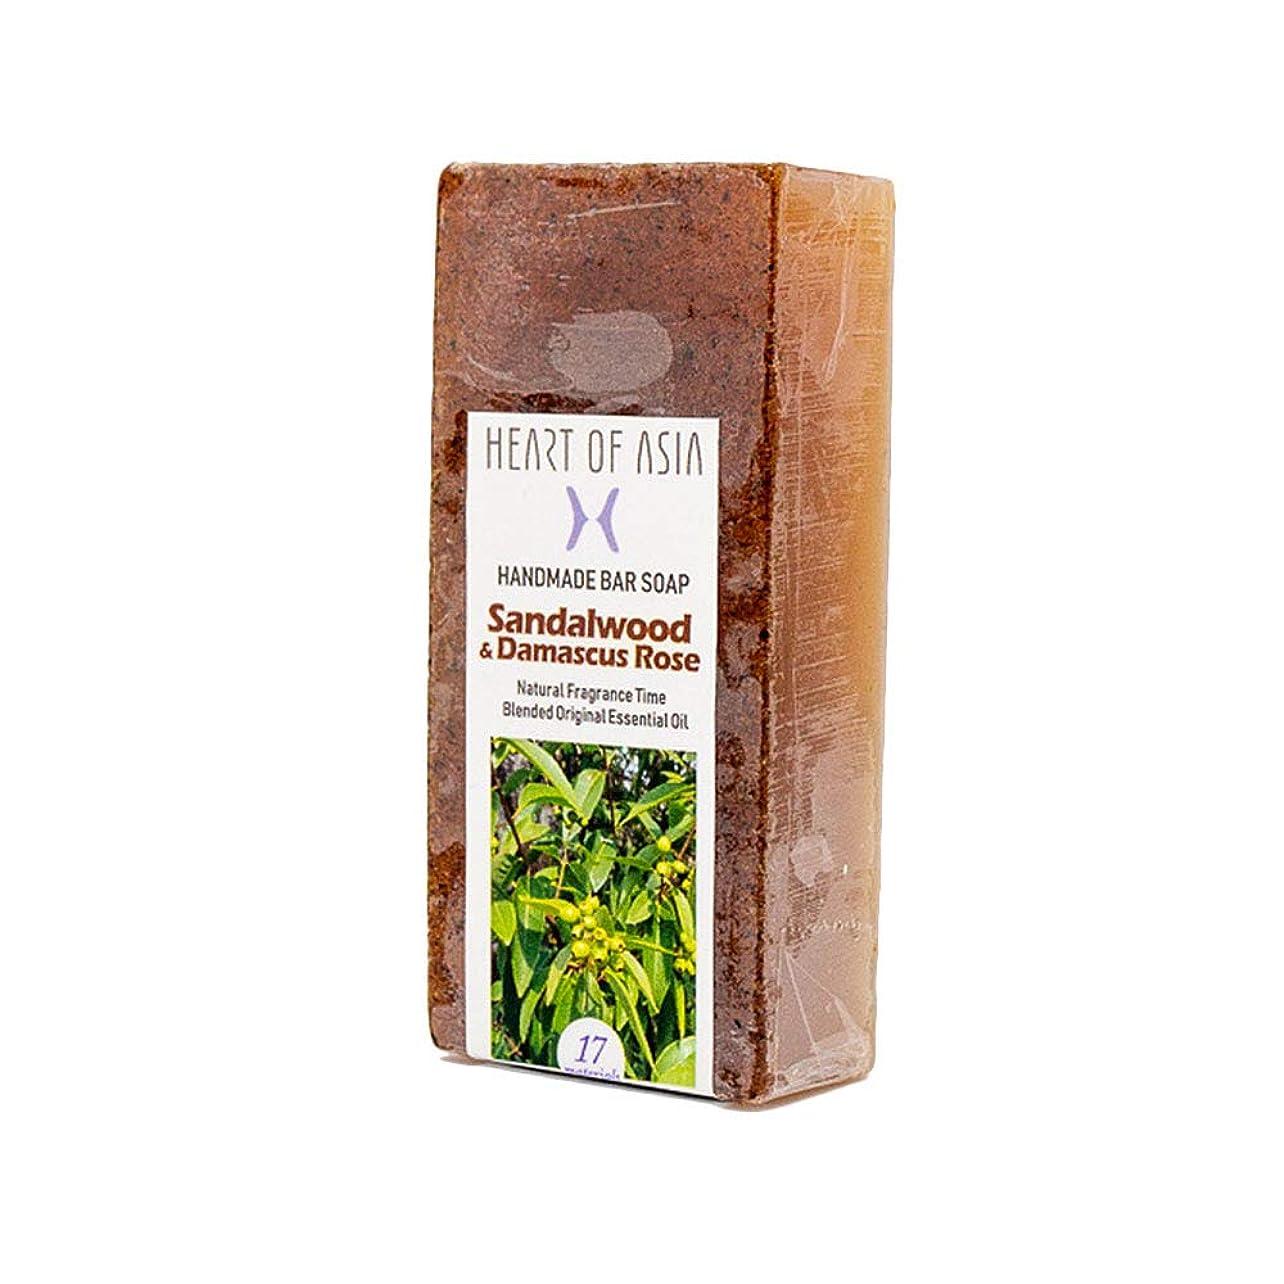 ラインナップ抑制する地球香水のようなフレグランス石けん HANDMADE BAR SOAP ~Sandalwood&Damascus Rose~ (単品)